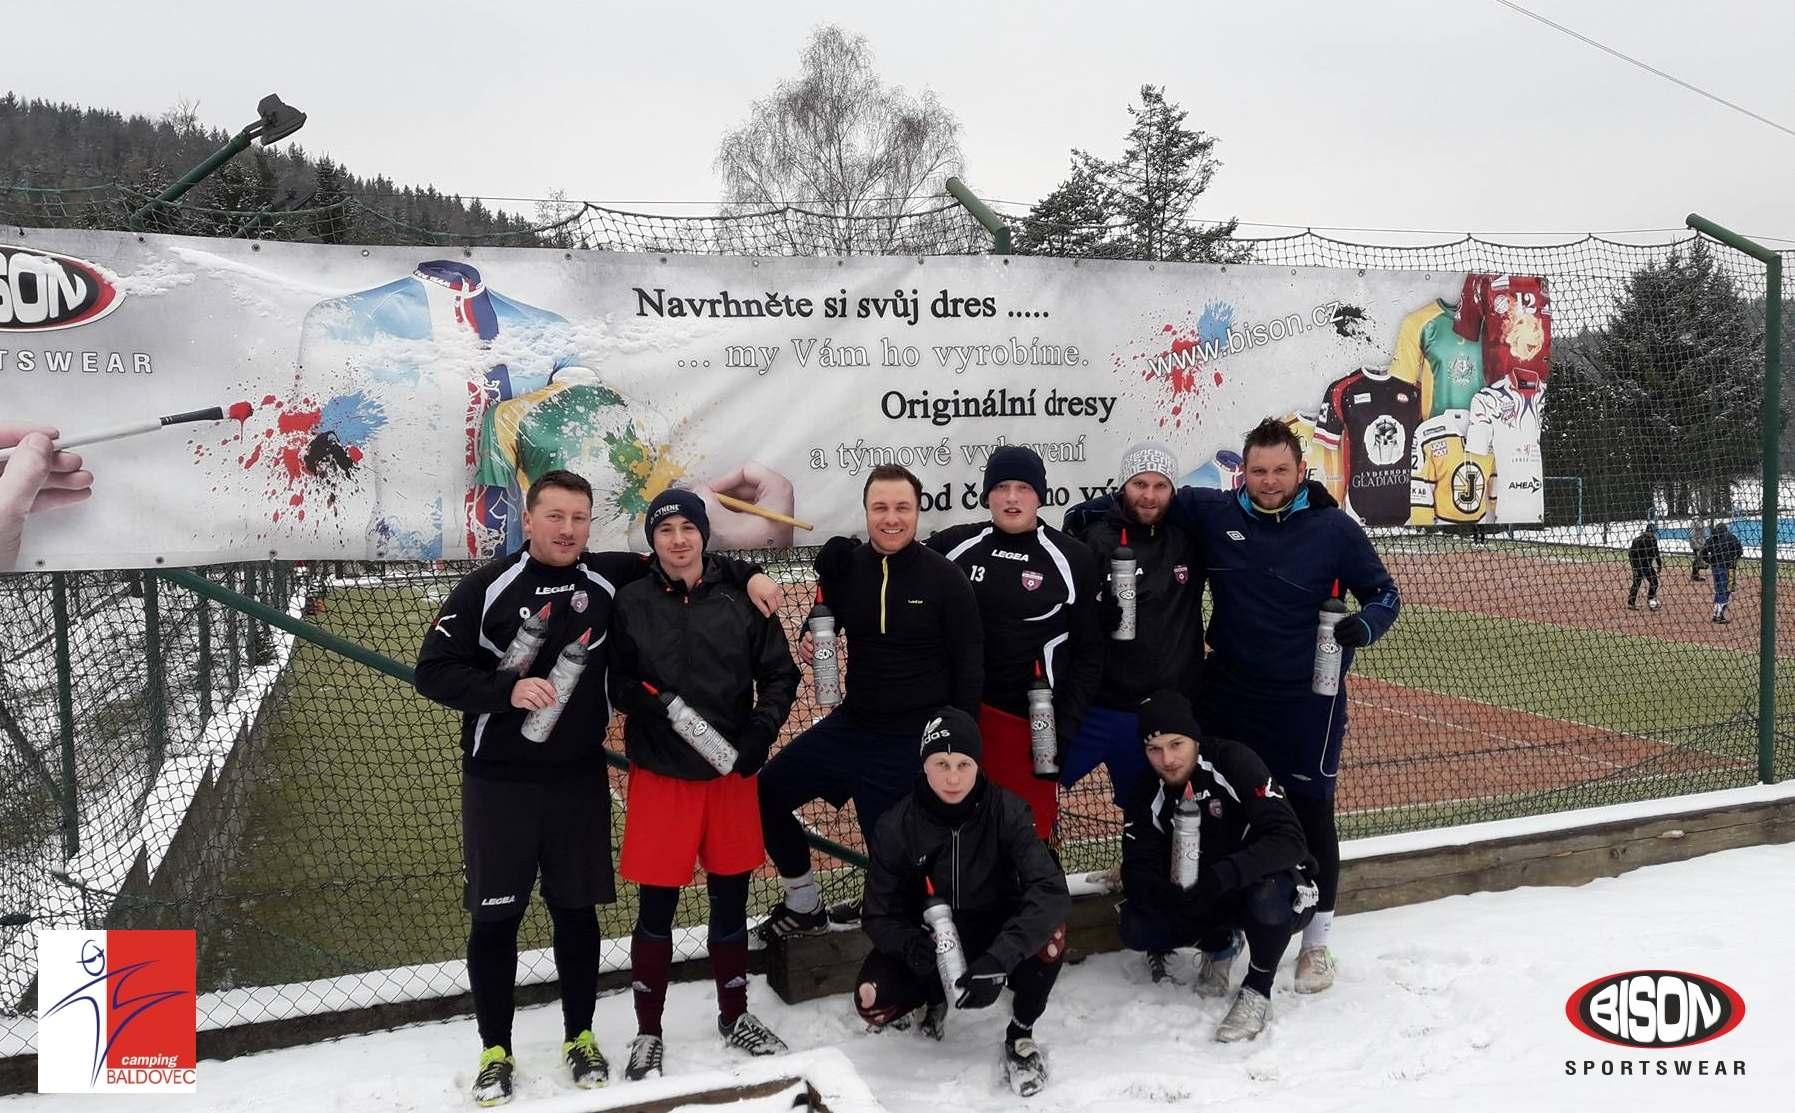 Týmové soustředění před sezónou s podporou Bison Sportswear, výrobce sportovních dresů na zakázku.